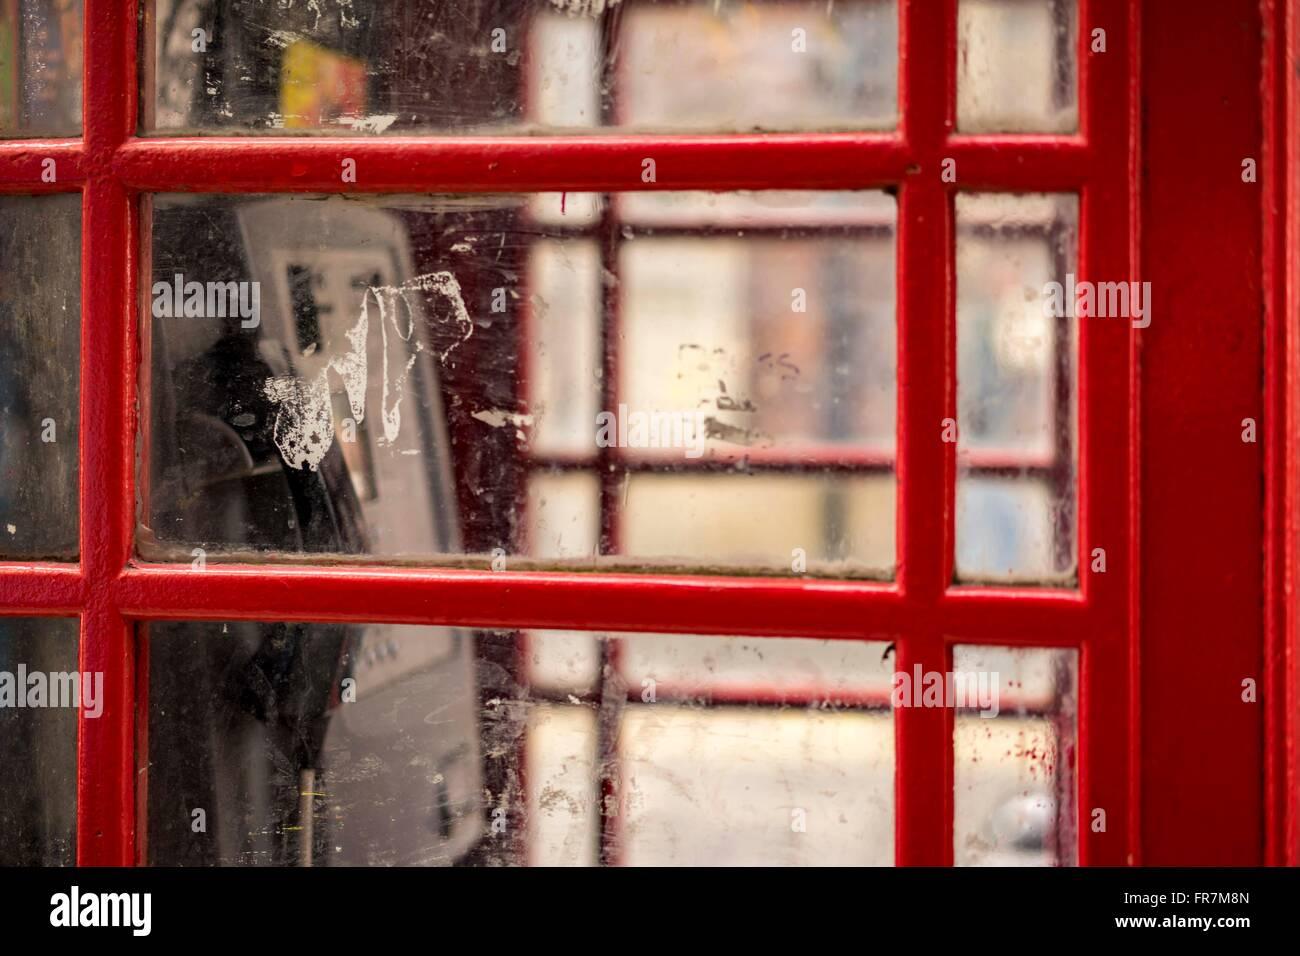 Blick durch das Fenster von einem roten öffentliche Telefonzelle, London, UK Stockfoto